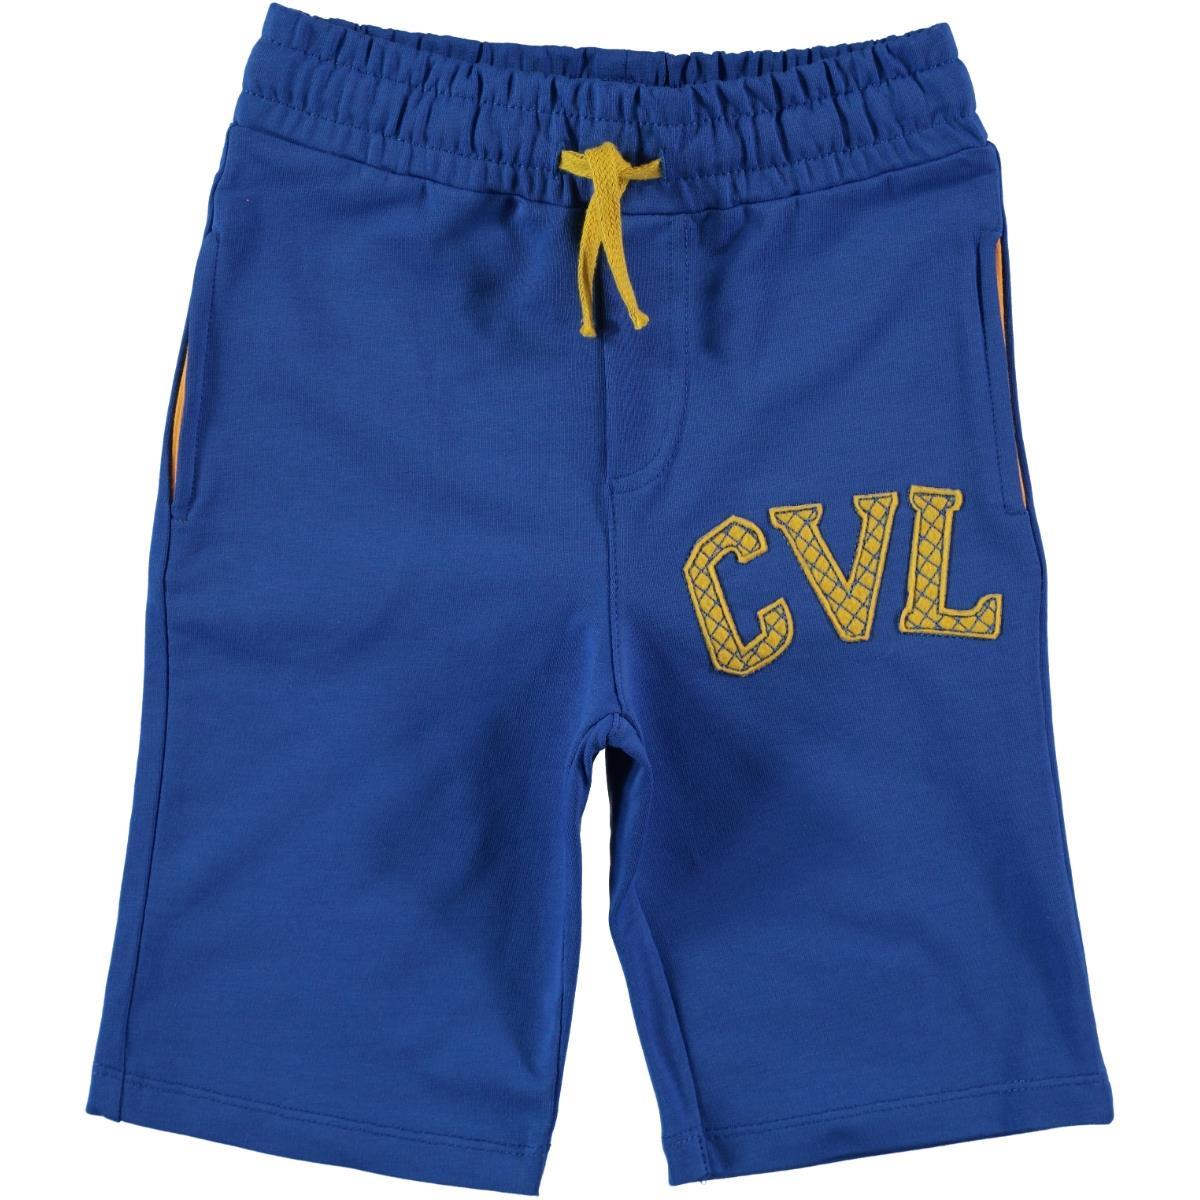 Cvl Saks Capri Blue Kid 2-5 Years